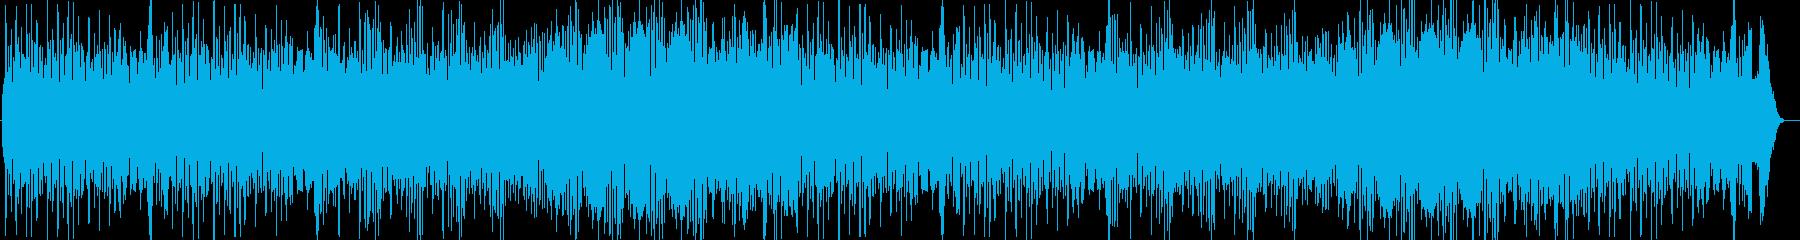 王宮感あるエレガントなハープシコードの再生済みの波形